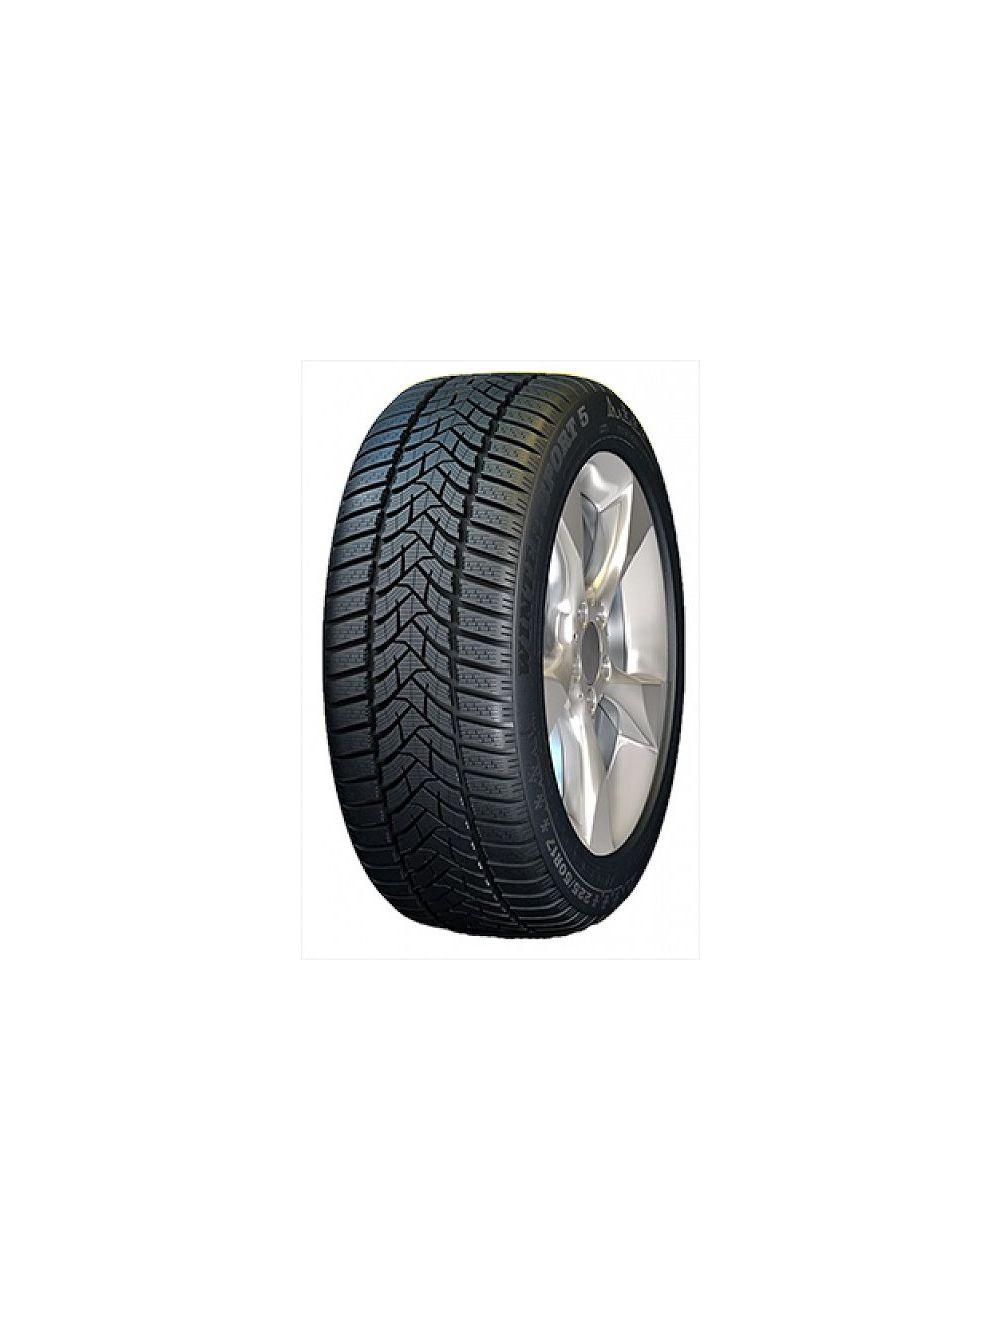 Dunlop 205/55R16 H SP Winter Sport 5 Téli gumi